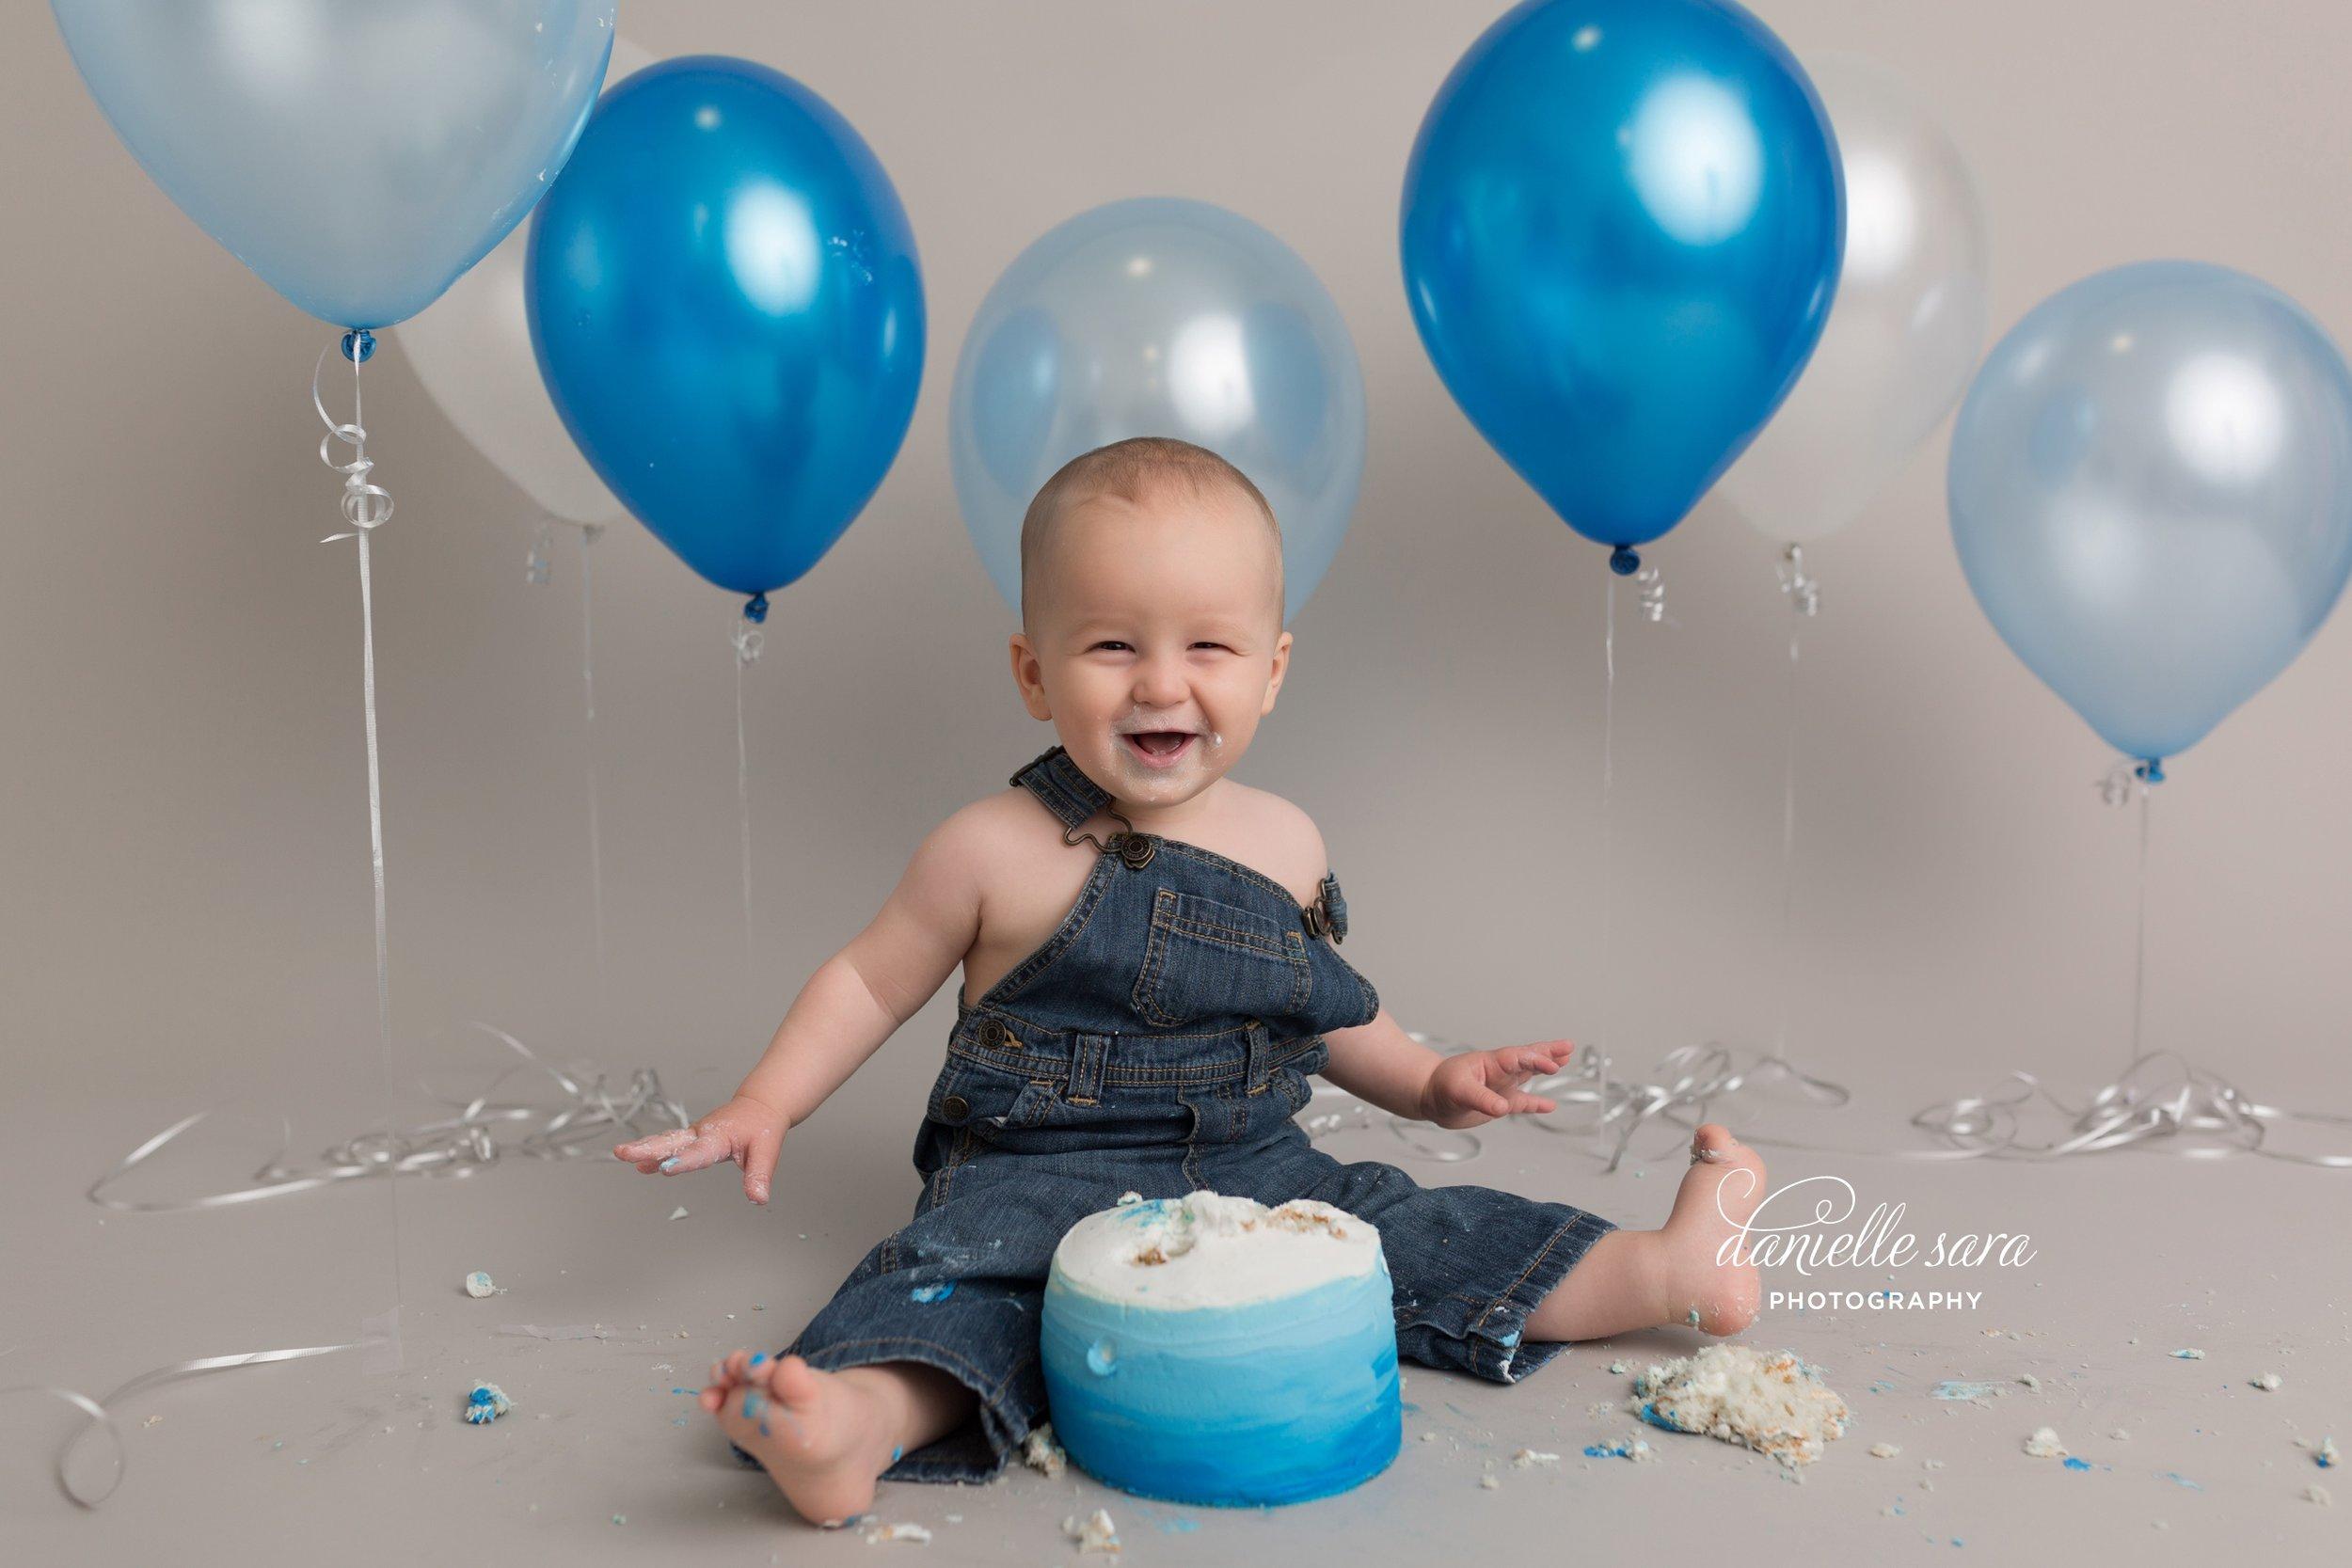 balloonscakesmashphotographymaryland_0010.jpg